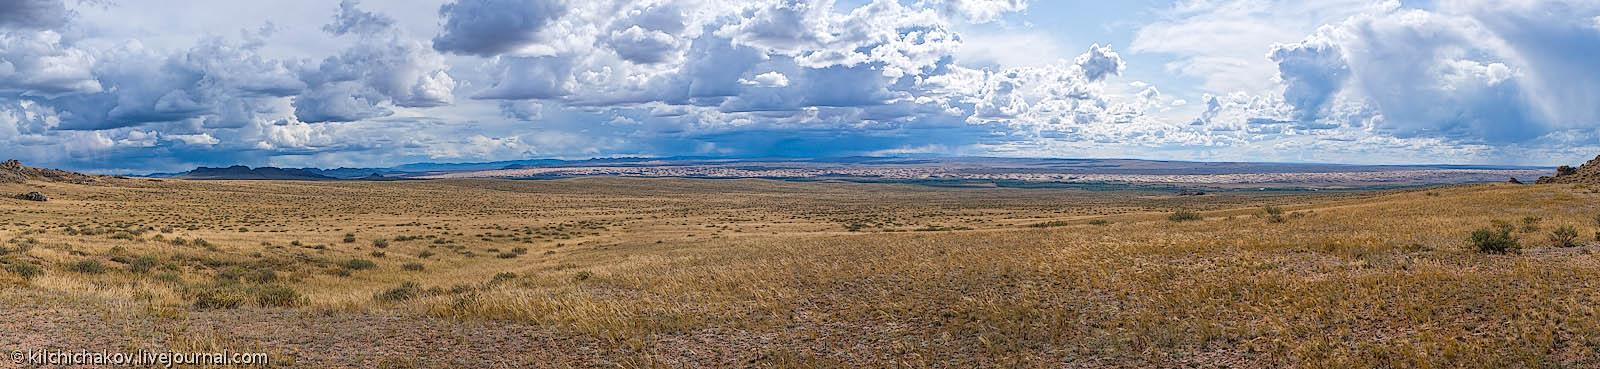 DSC02613 Panorama